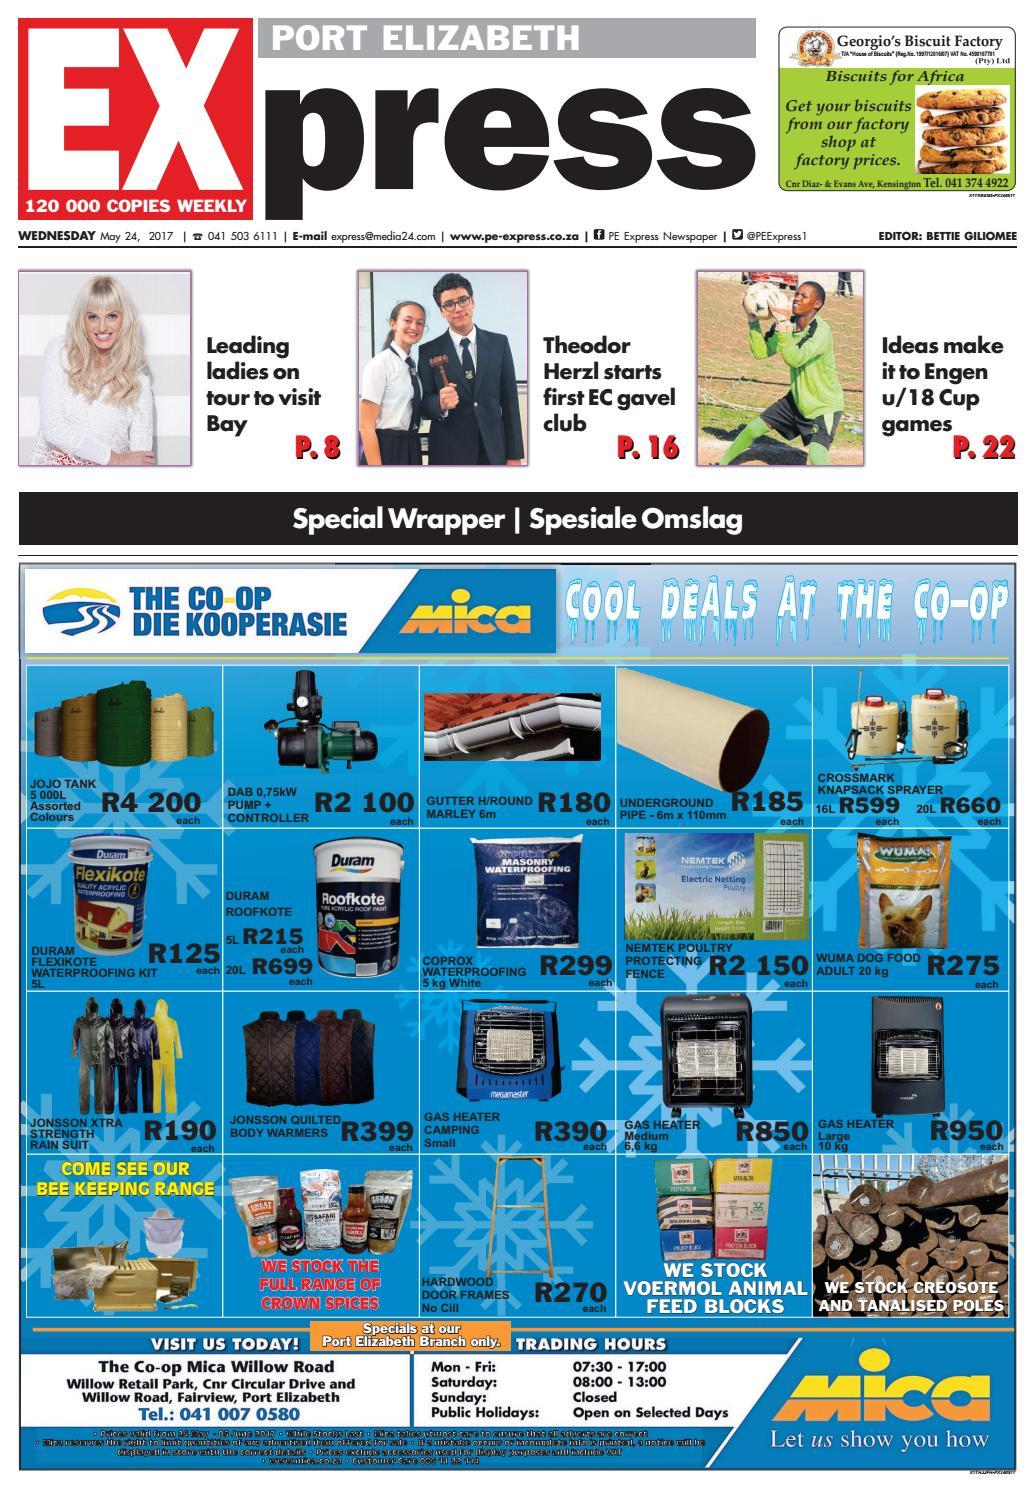 PE Express 24 May 2017 by PE Express - issuu